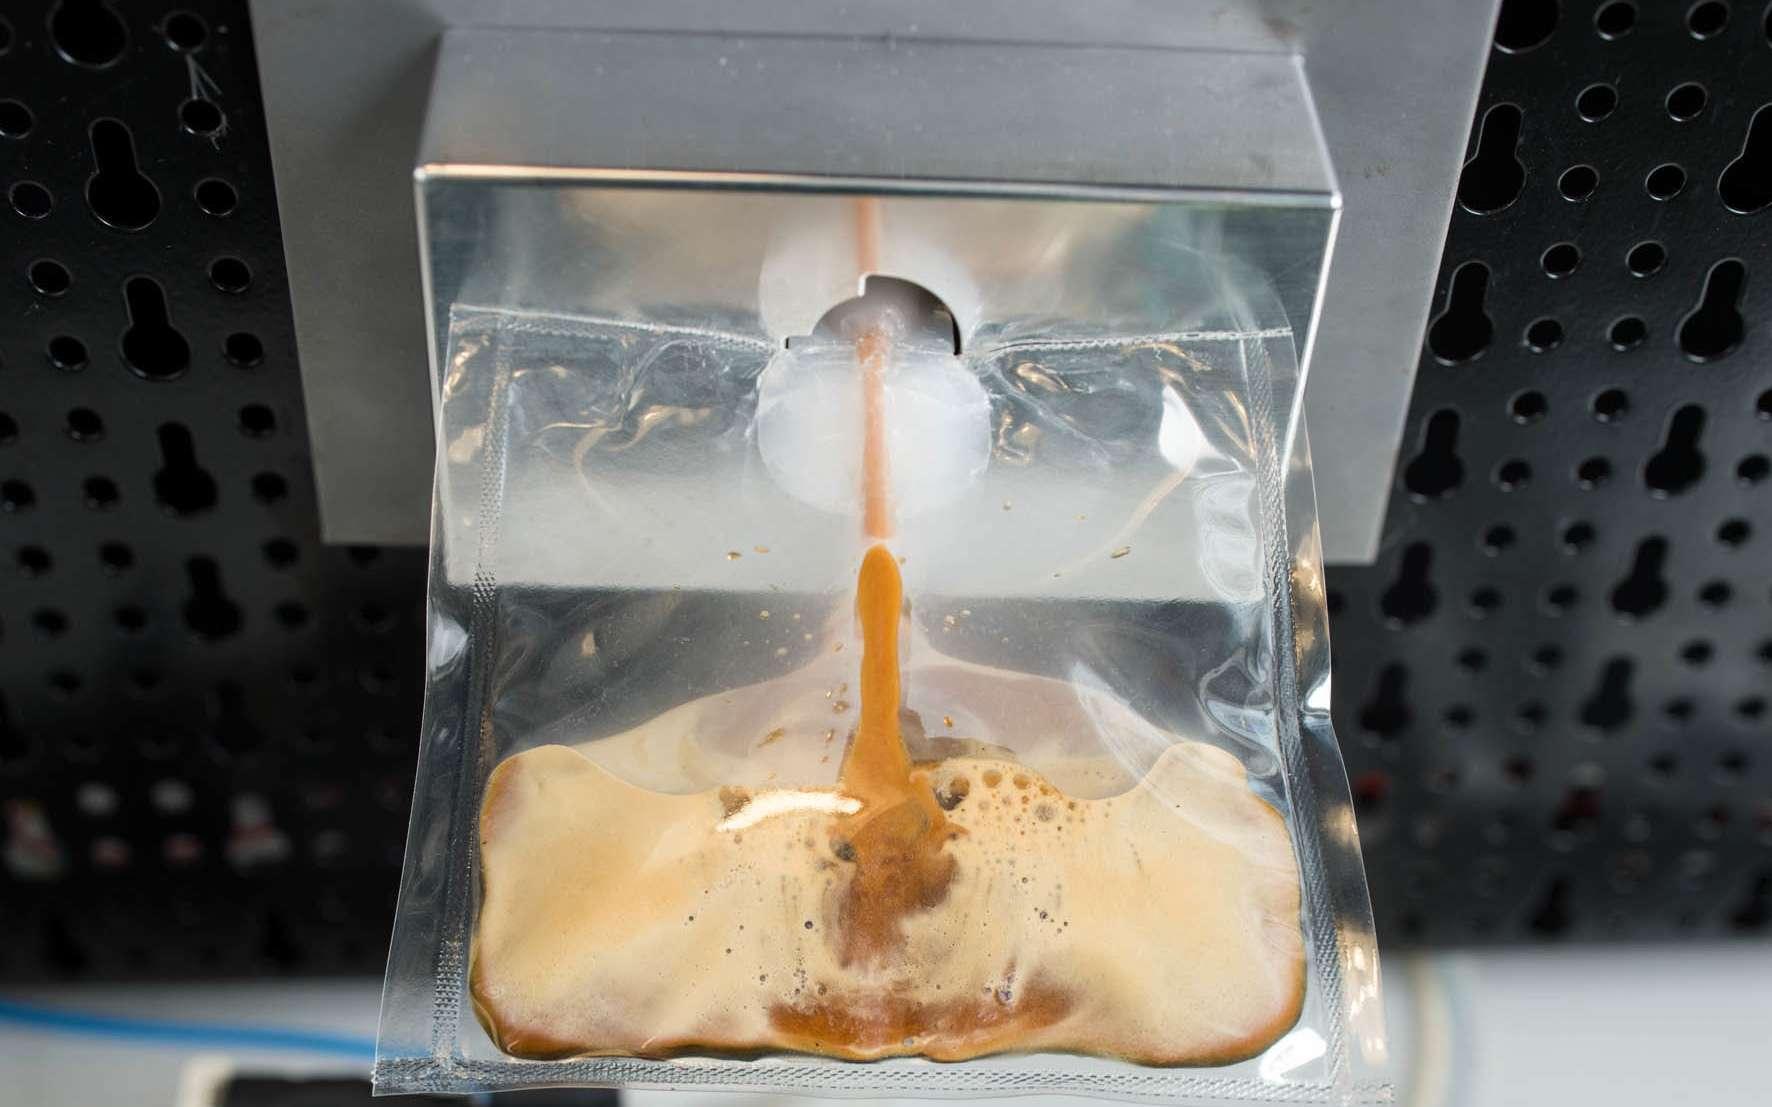 Si les Italiens ont été capables de mettre au point une machine à expresso pour la Station spatiale, ils n'ont pas résolu le problème de la tasse à café. C'est donc dans une classique poche en plastique que les astronautes dégusteront leur breuvage de fin de repas. © Lavazza, Argotec